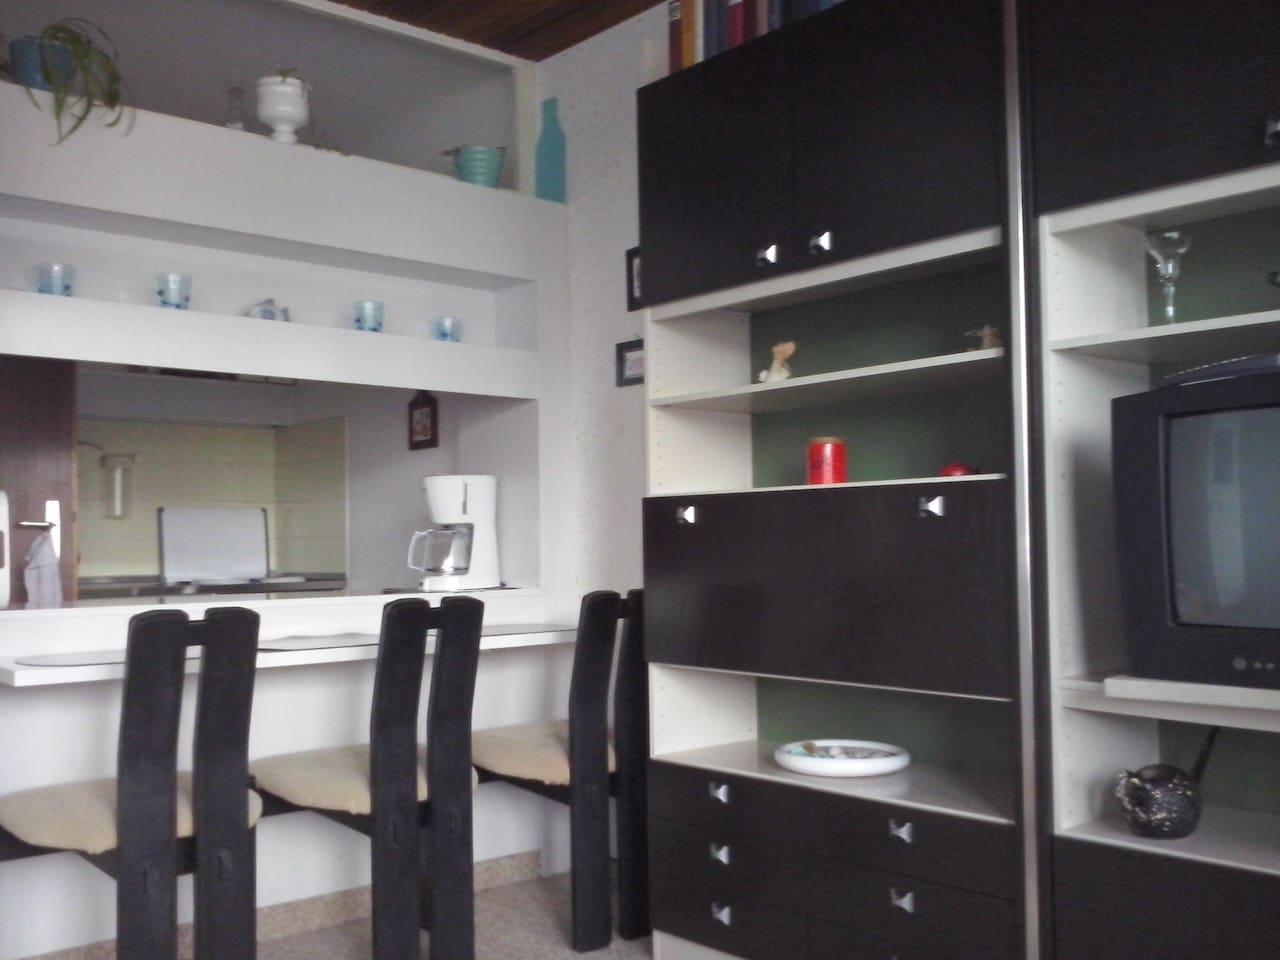 Hinter der Eßtheke sieht man die Küche, welche links eine Tür hat. Rechts eine Schrankwand mit TV